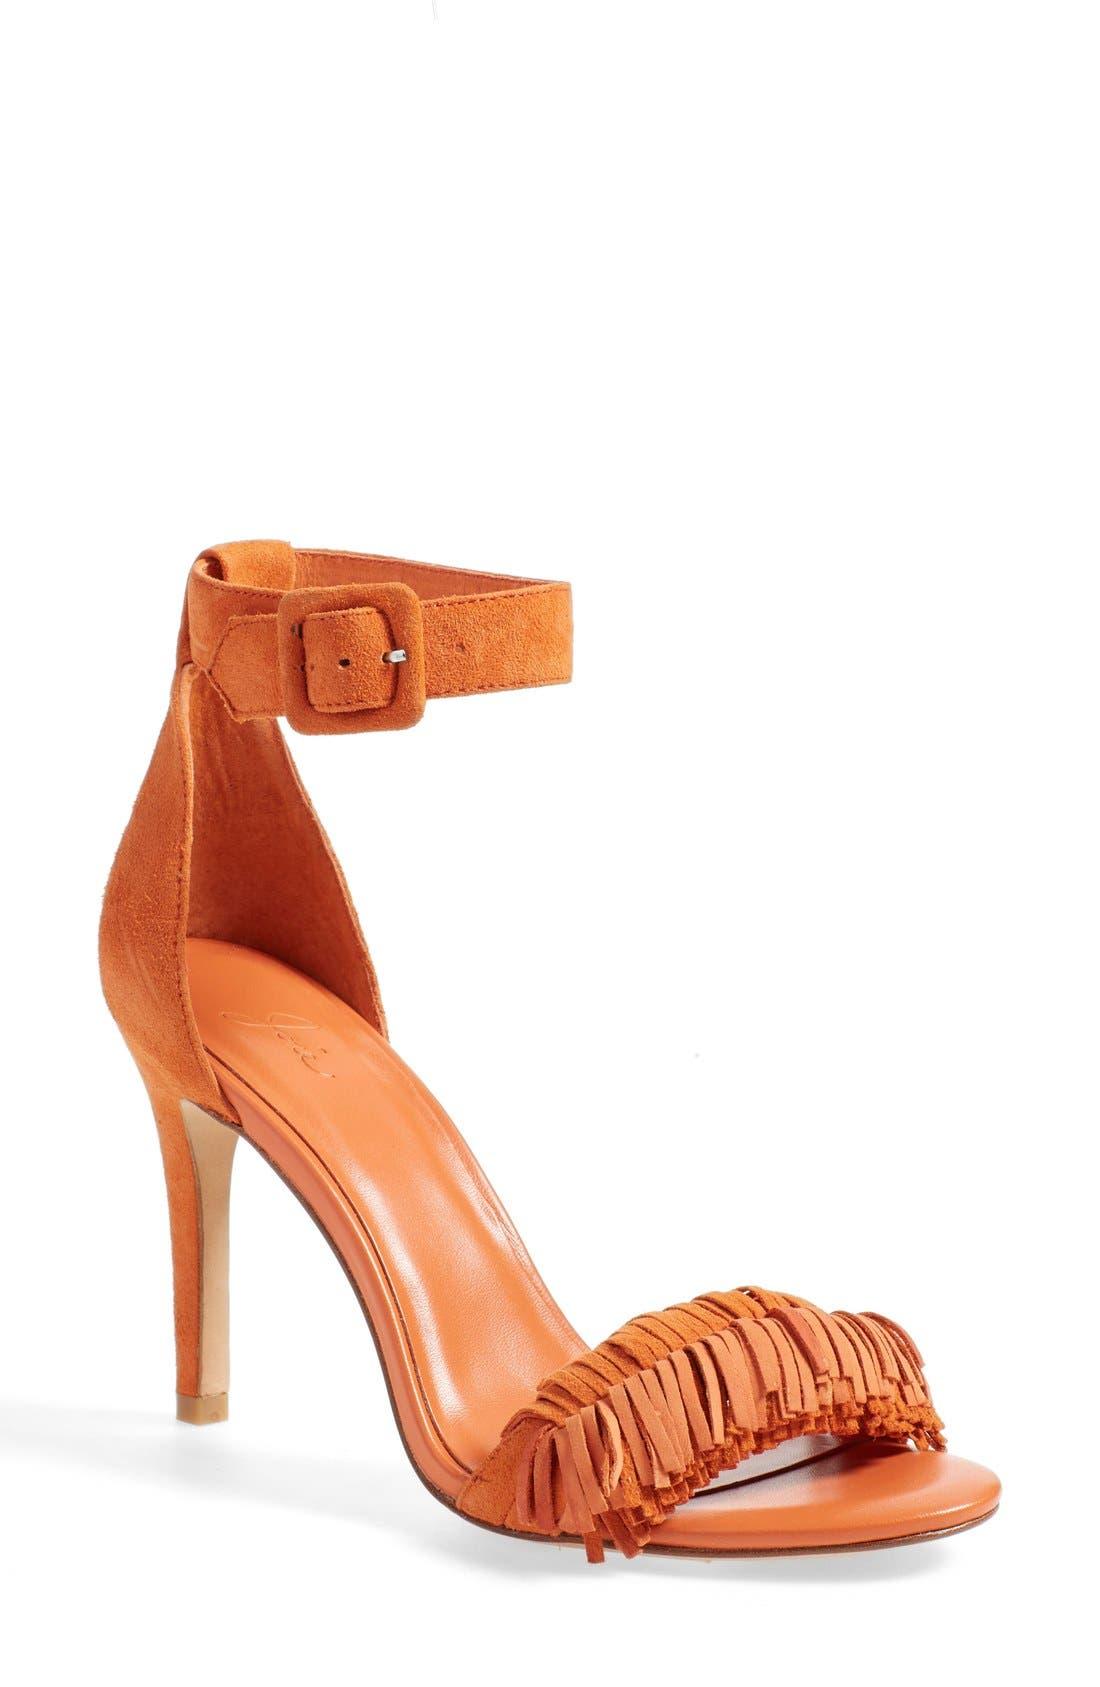 Main Image - Joie 'Pippi' Sandal (Women)